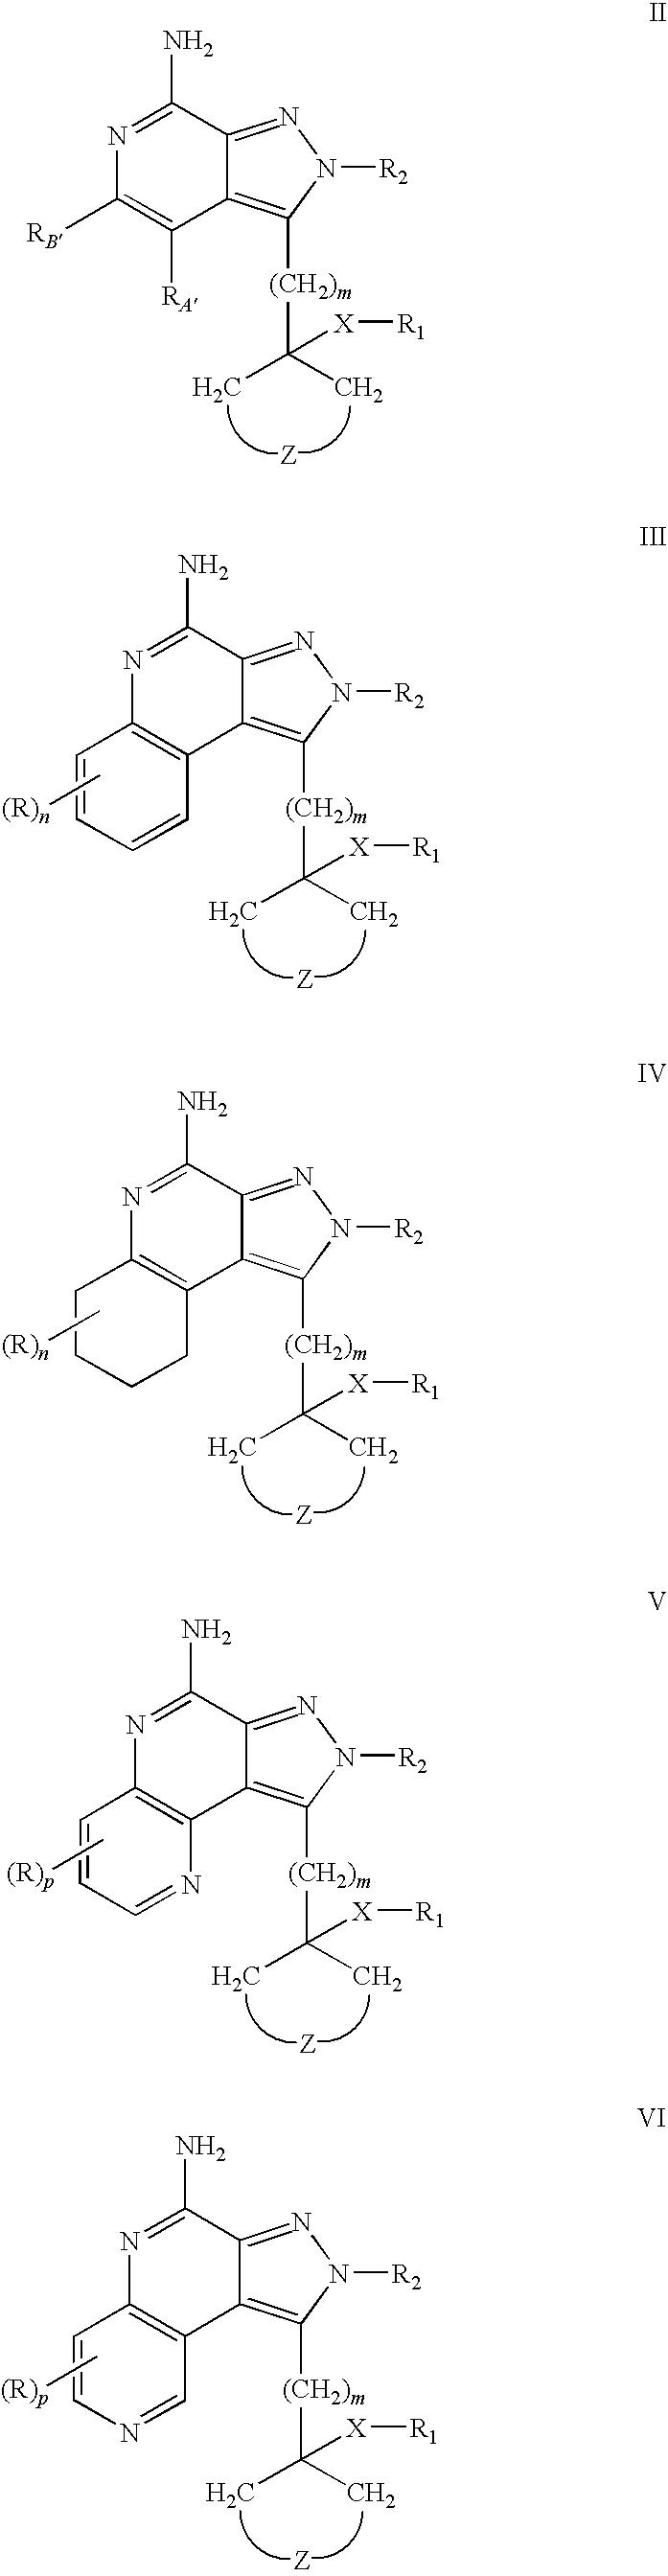 Figure US07943636-20110517-C00003